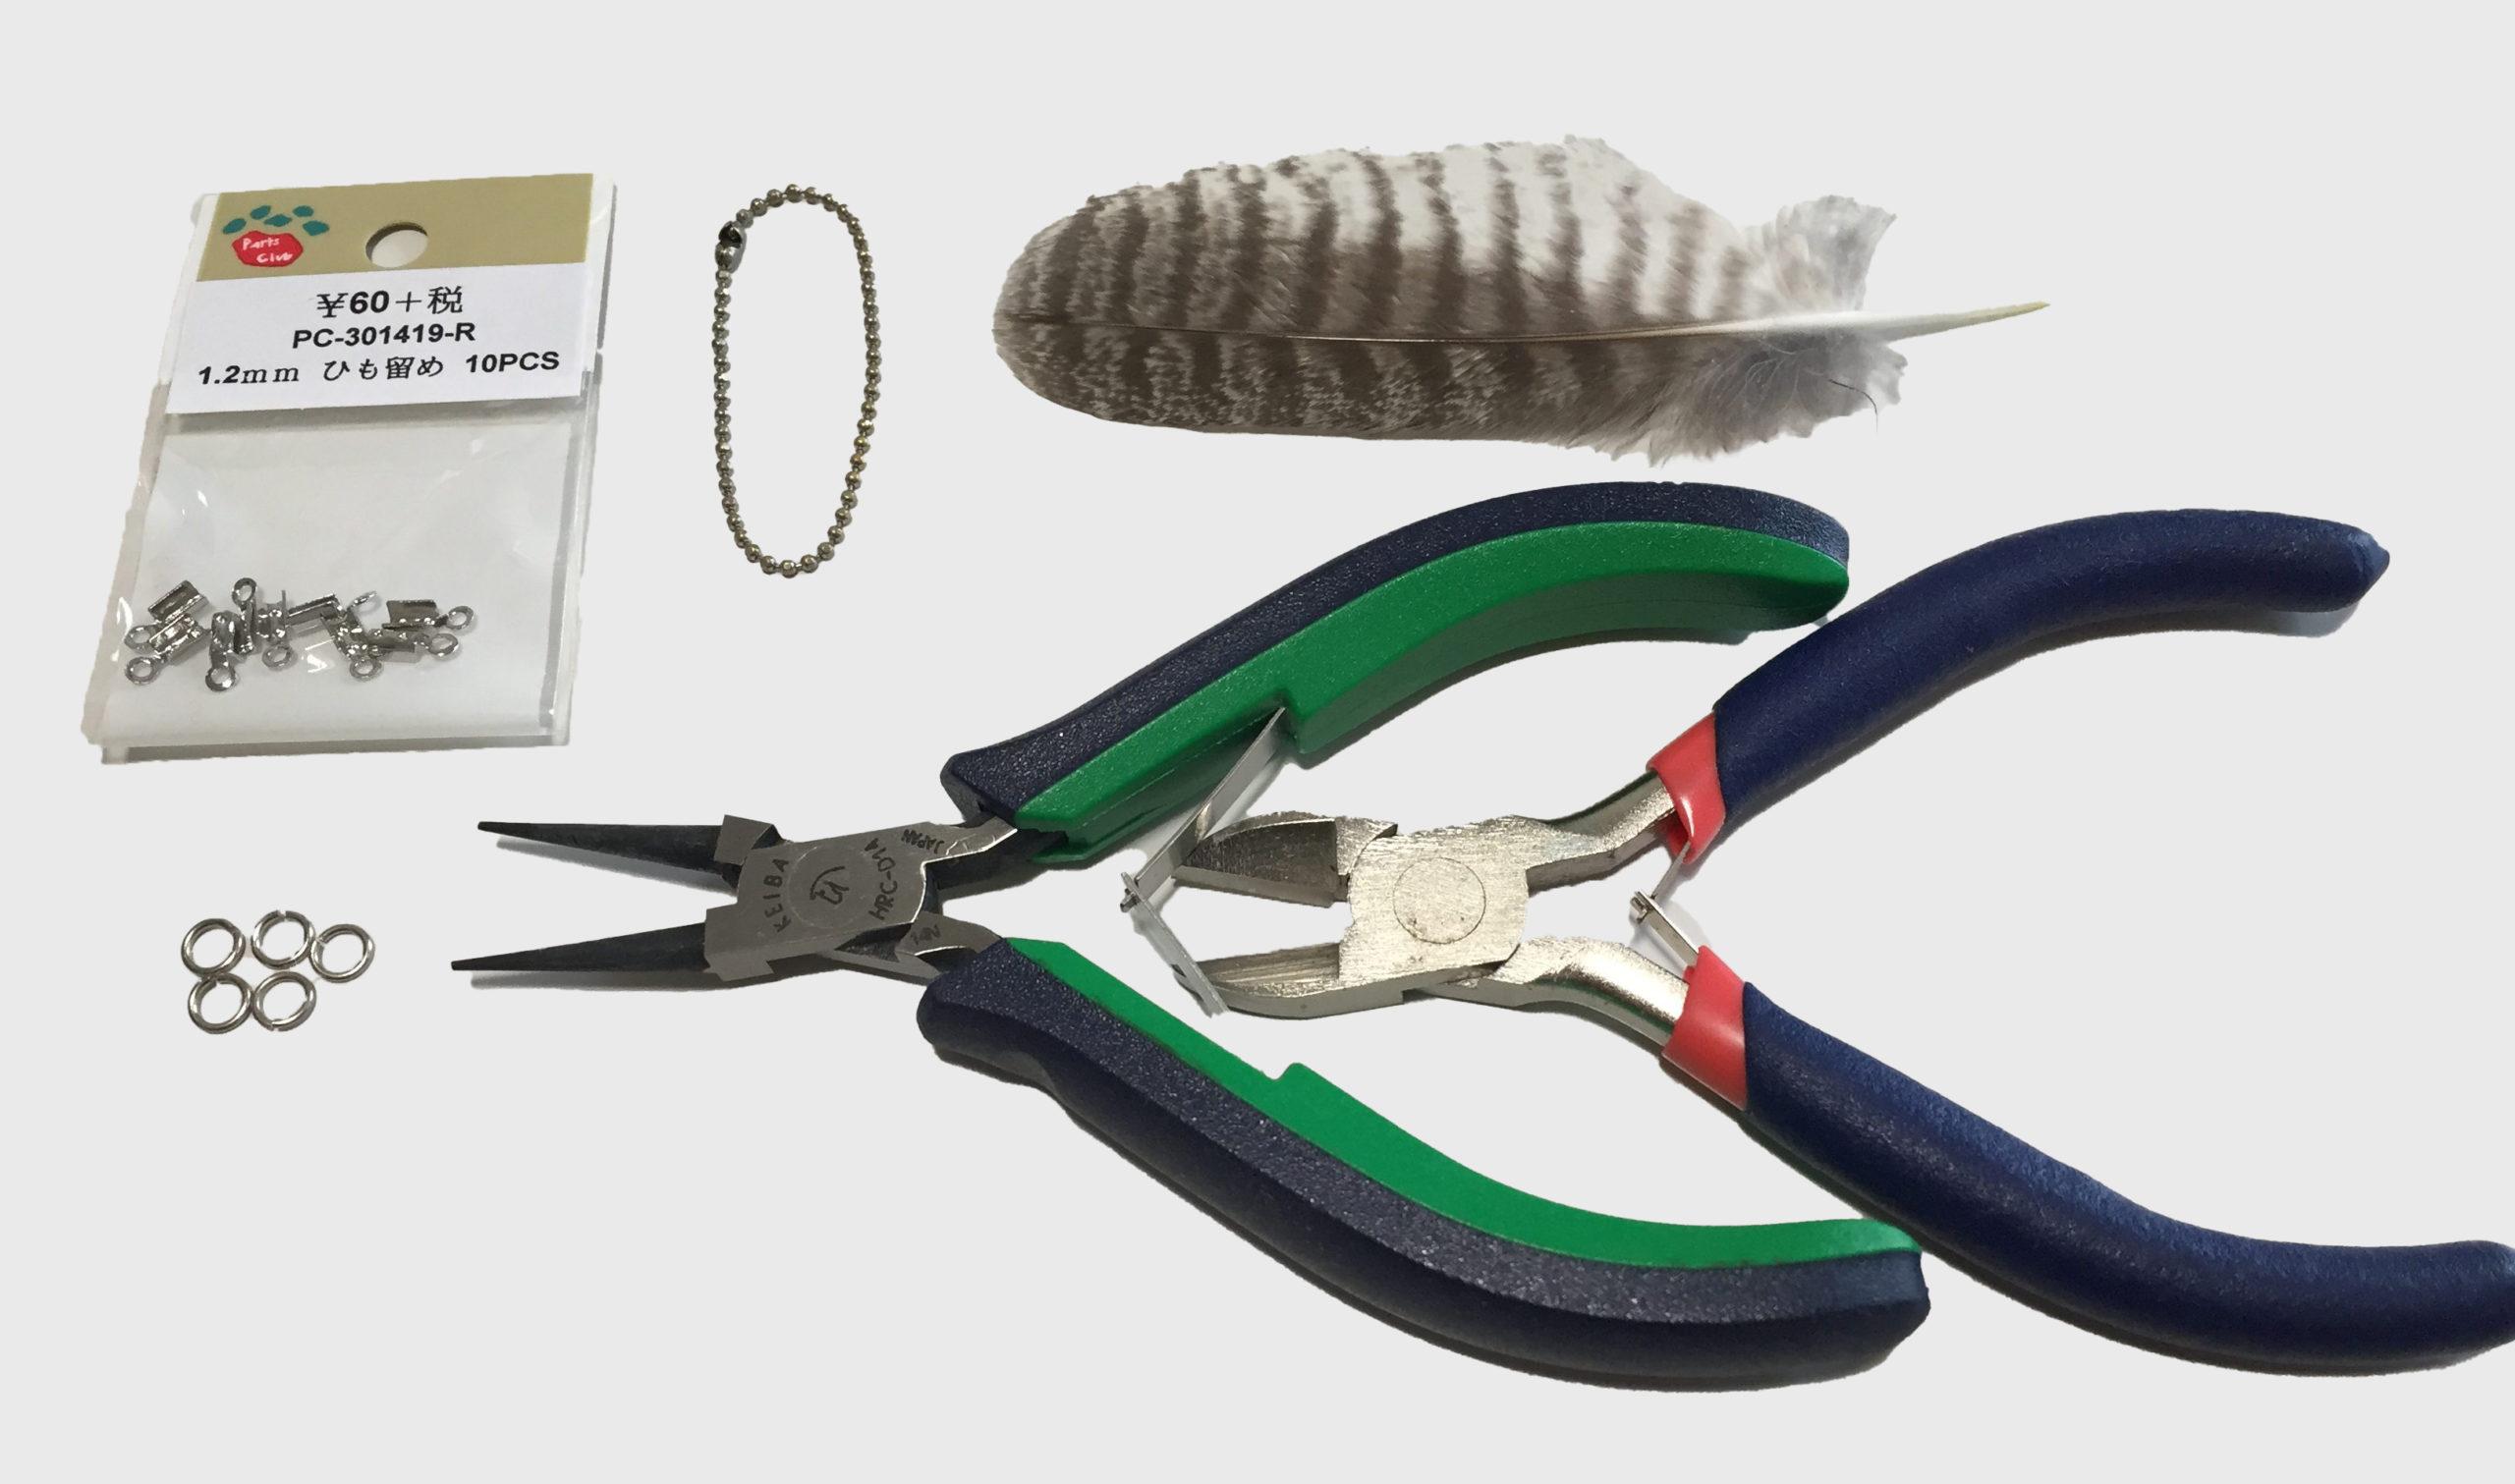 ハンドメイドの羽根アクセサリーを作る道具